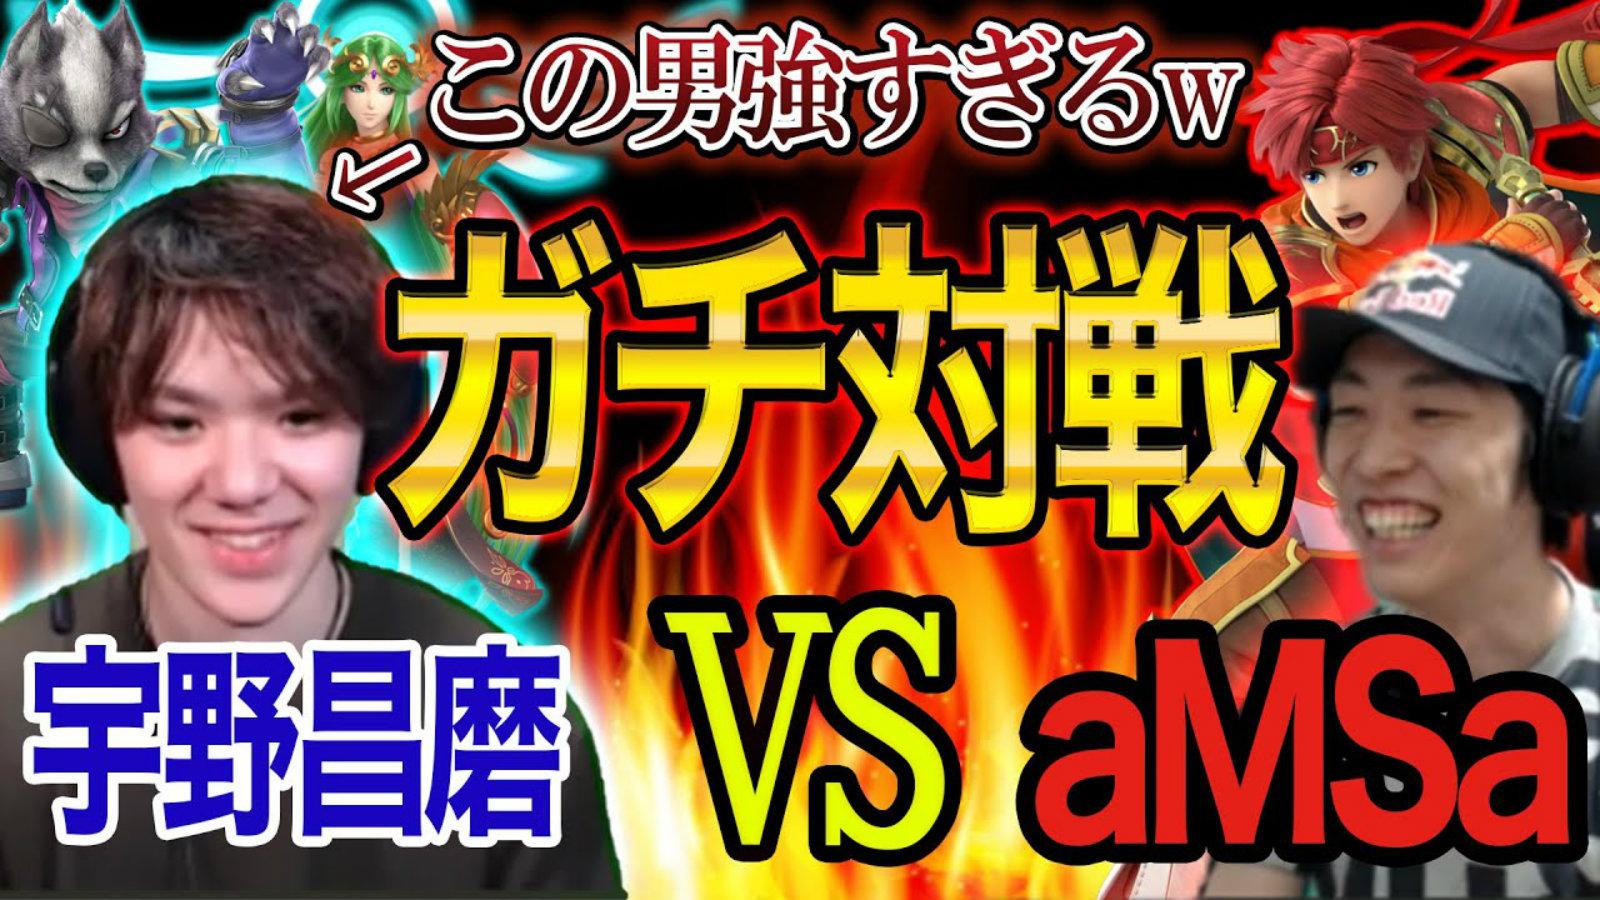 aMSa and Olympic Figure skater Shoma Uno play Smash